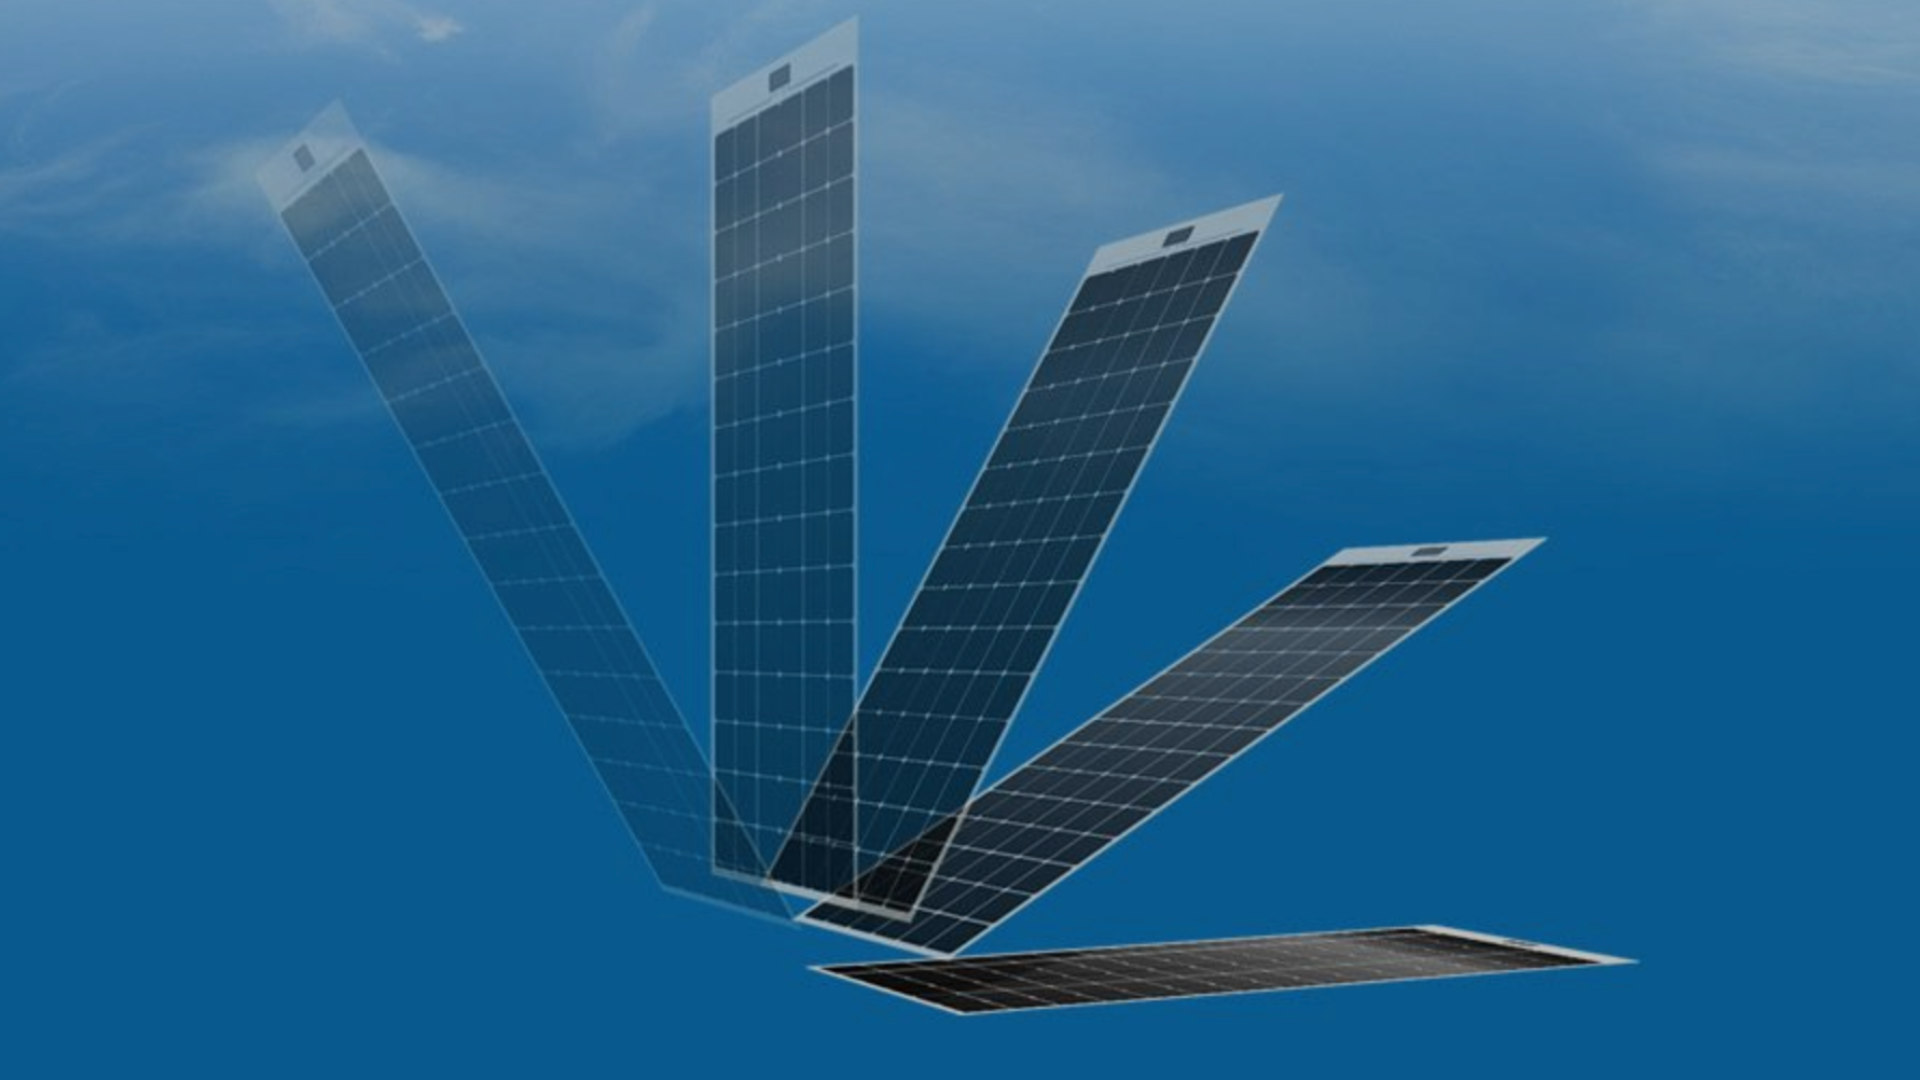 La France va produire des panneaux solaires «autocollants» plus fins et légers